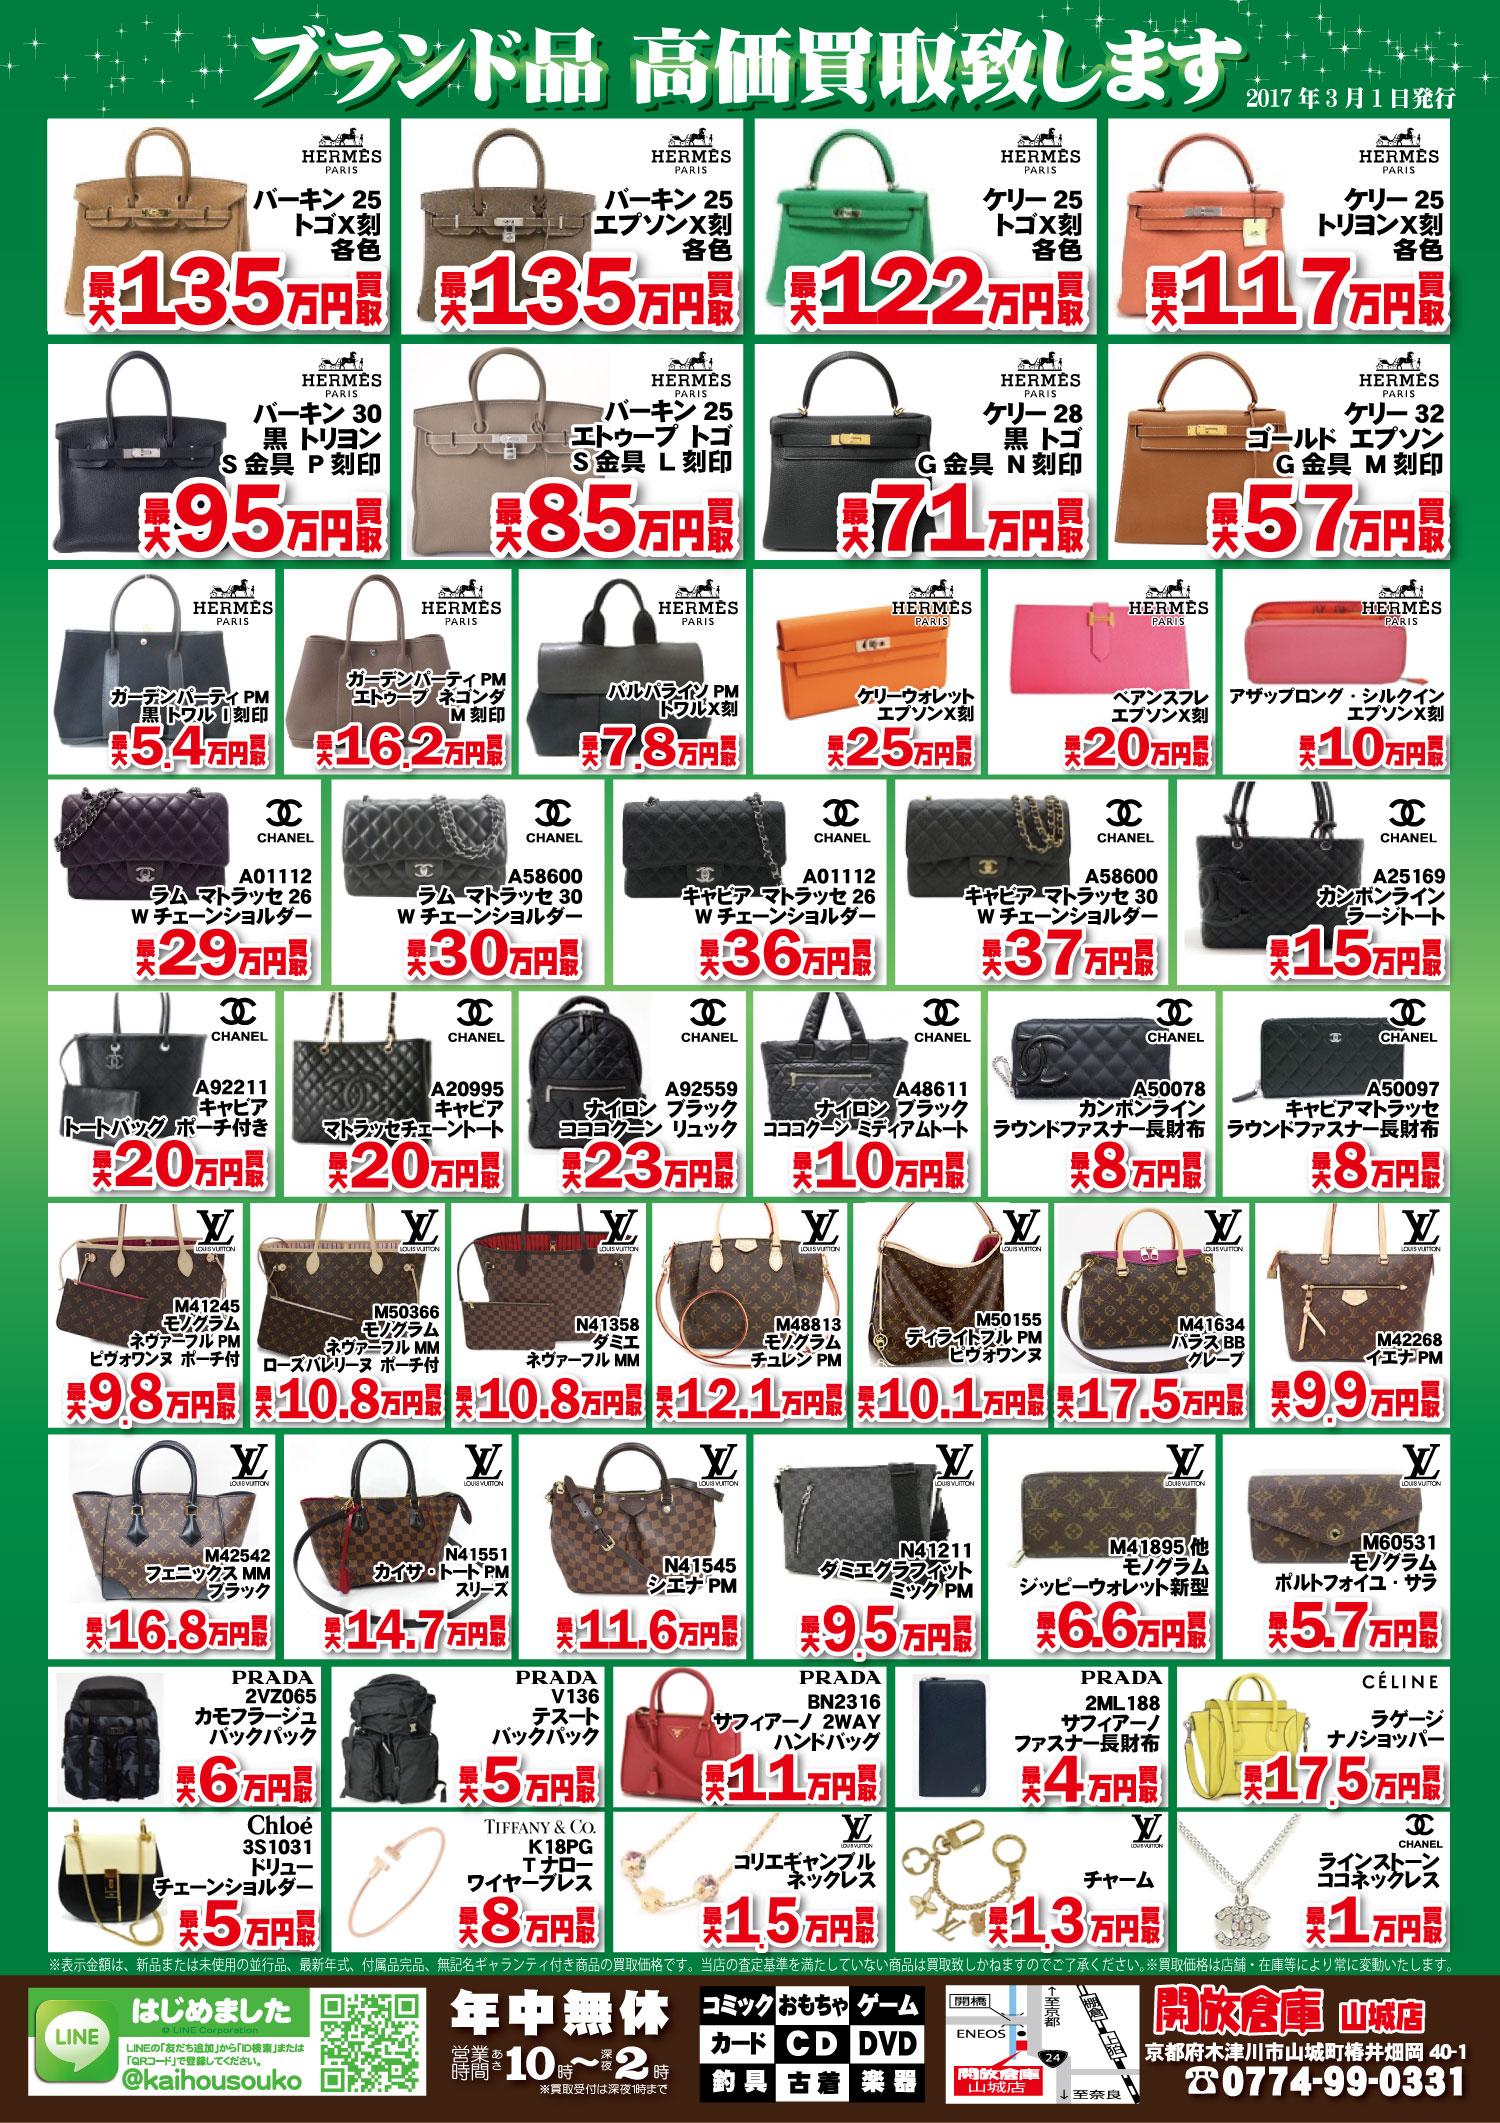 「開放倉庫山城店」2017年3月スーパーブランド買取チラシを更新!バーキン25、ケリー25、ガーデンバーディPM、などなど